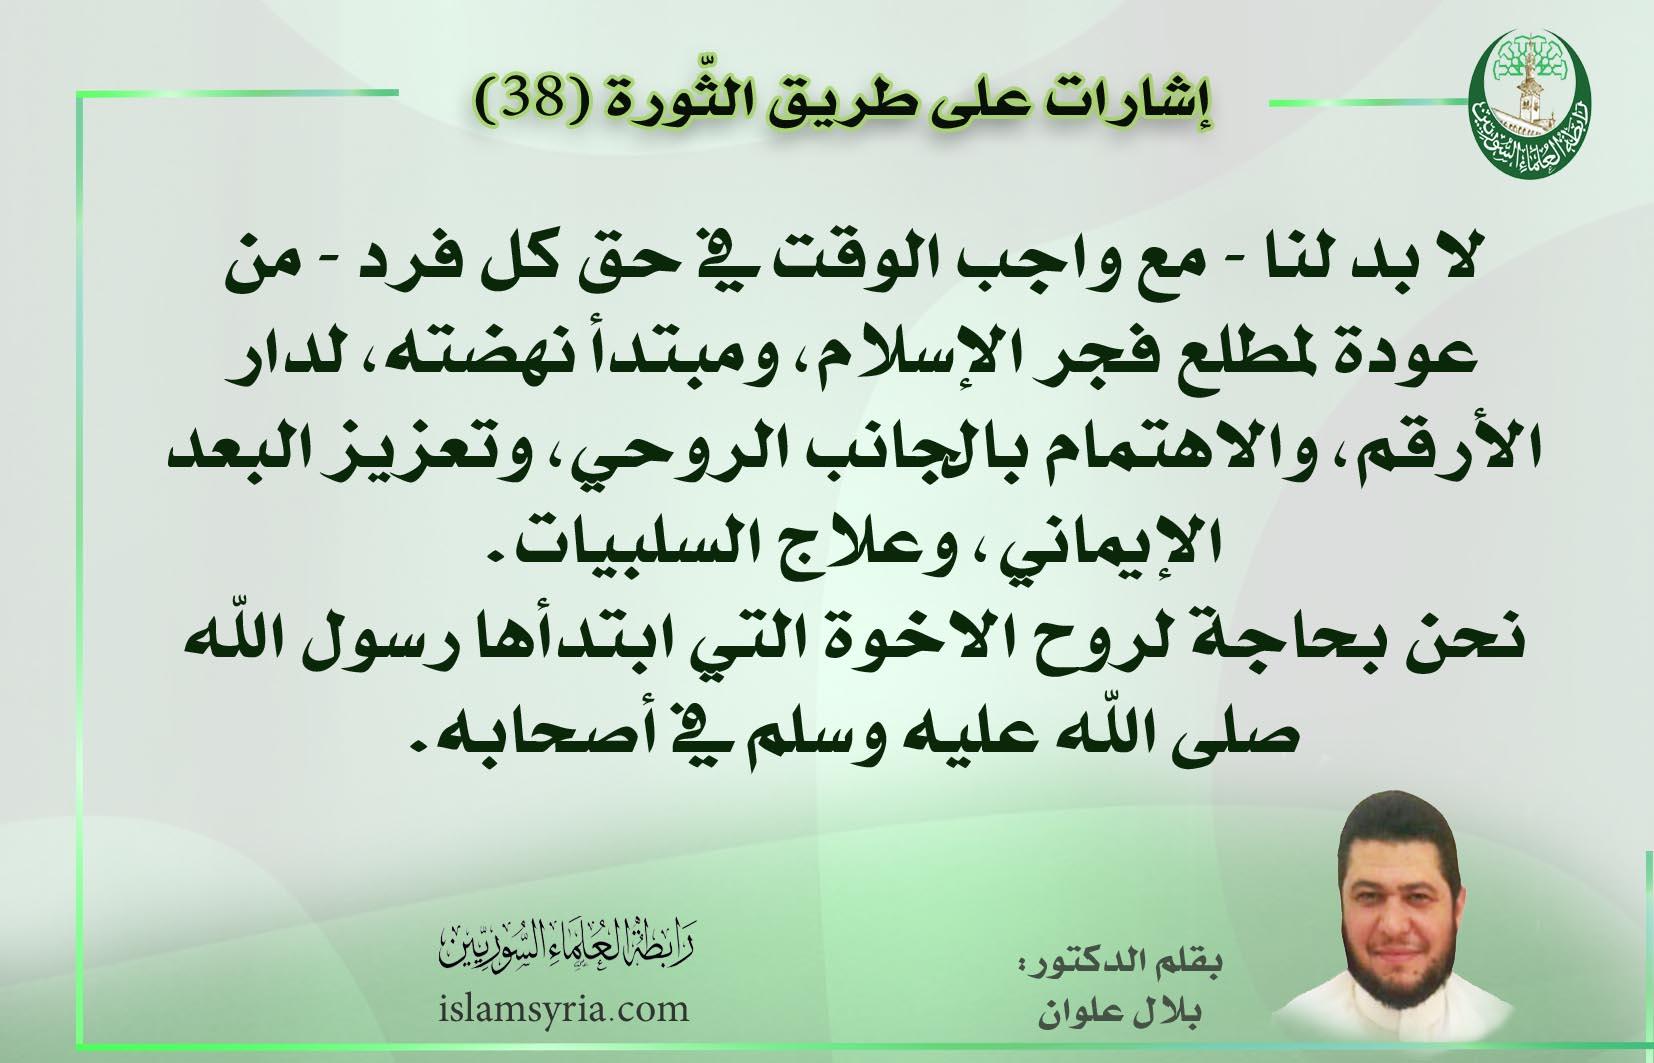 إشارات على طريق الثورة 38||د. بلال علوان